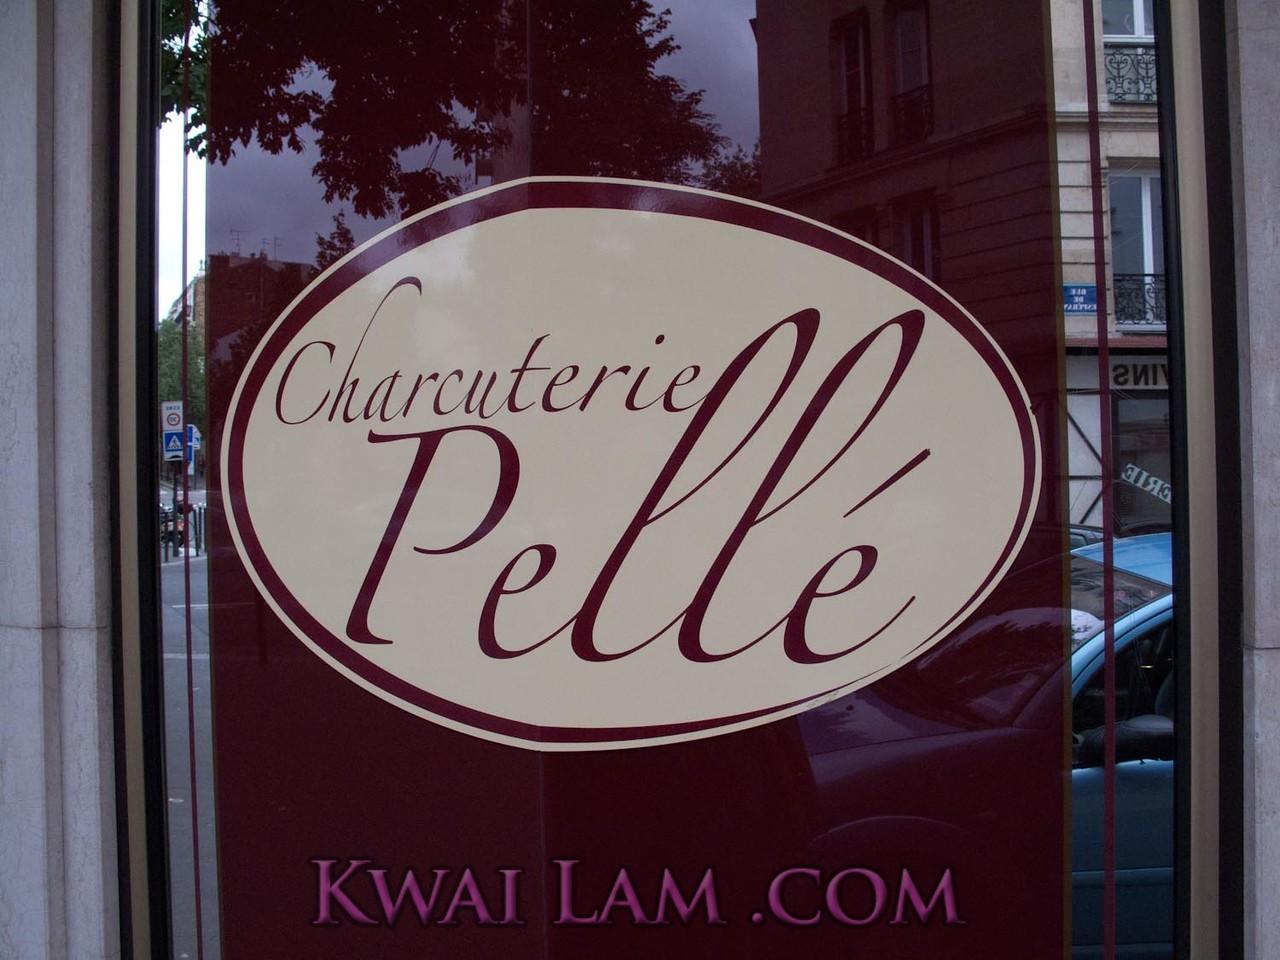 Delectables at Charcuterie Pelle, 13th Arrondisment, Paris.